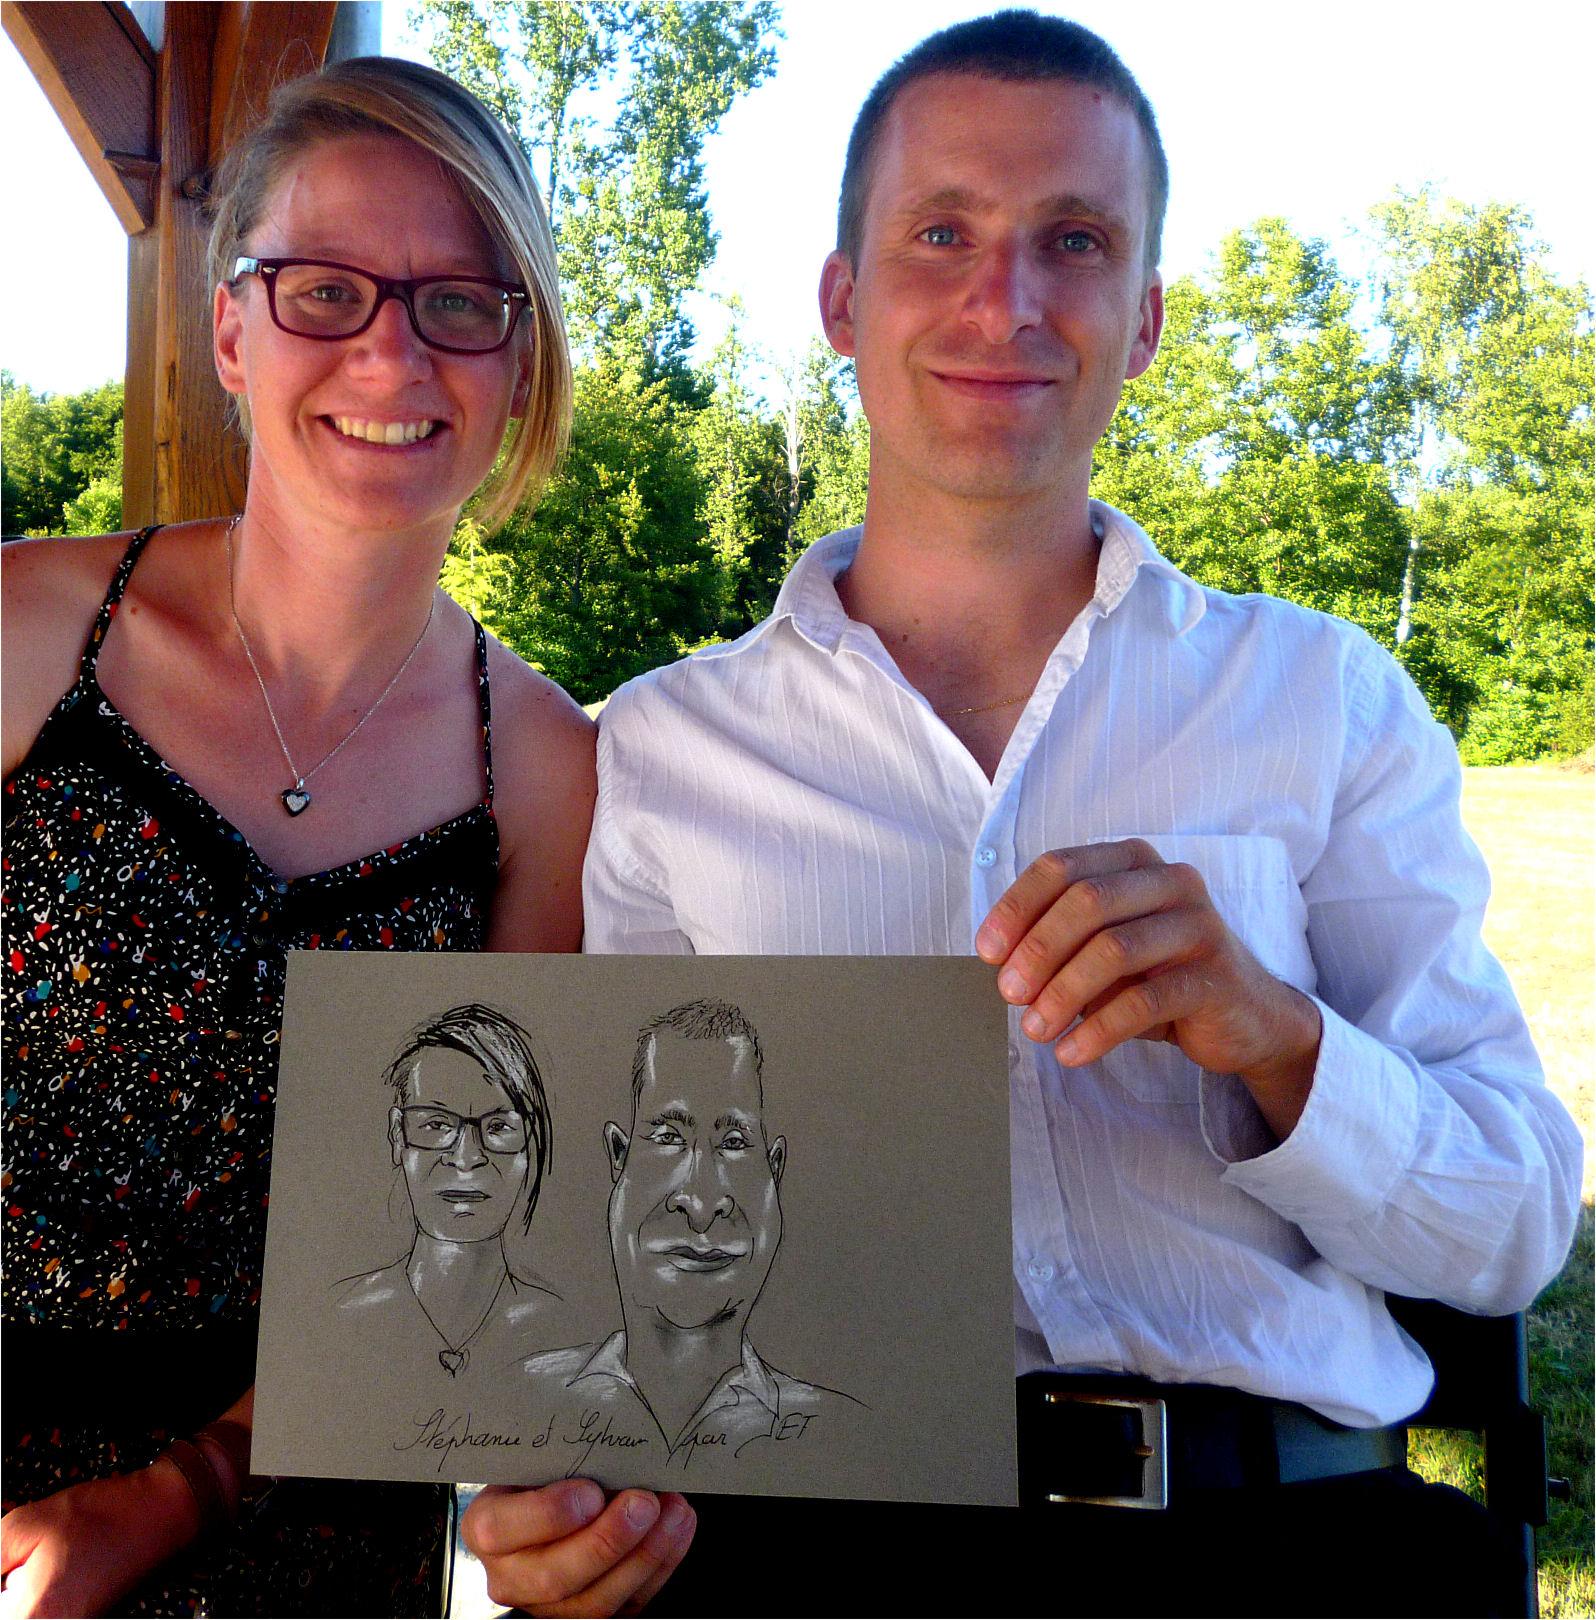 Stéphanie et sylvain caricature de JEF